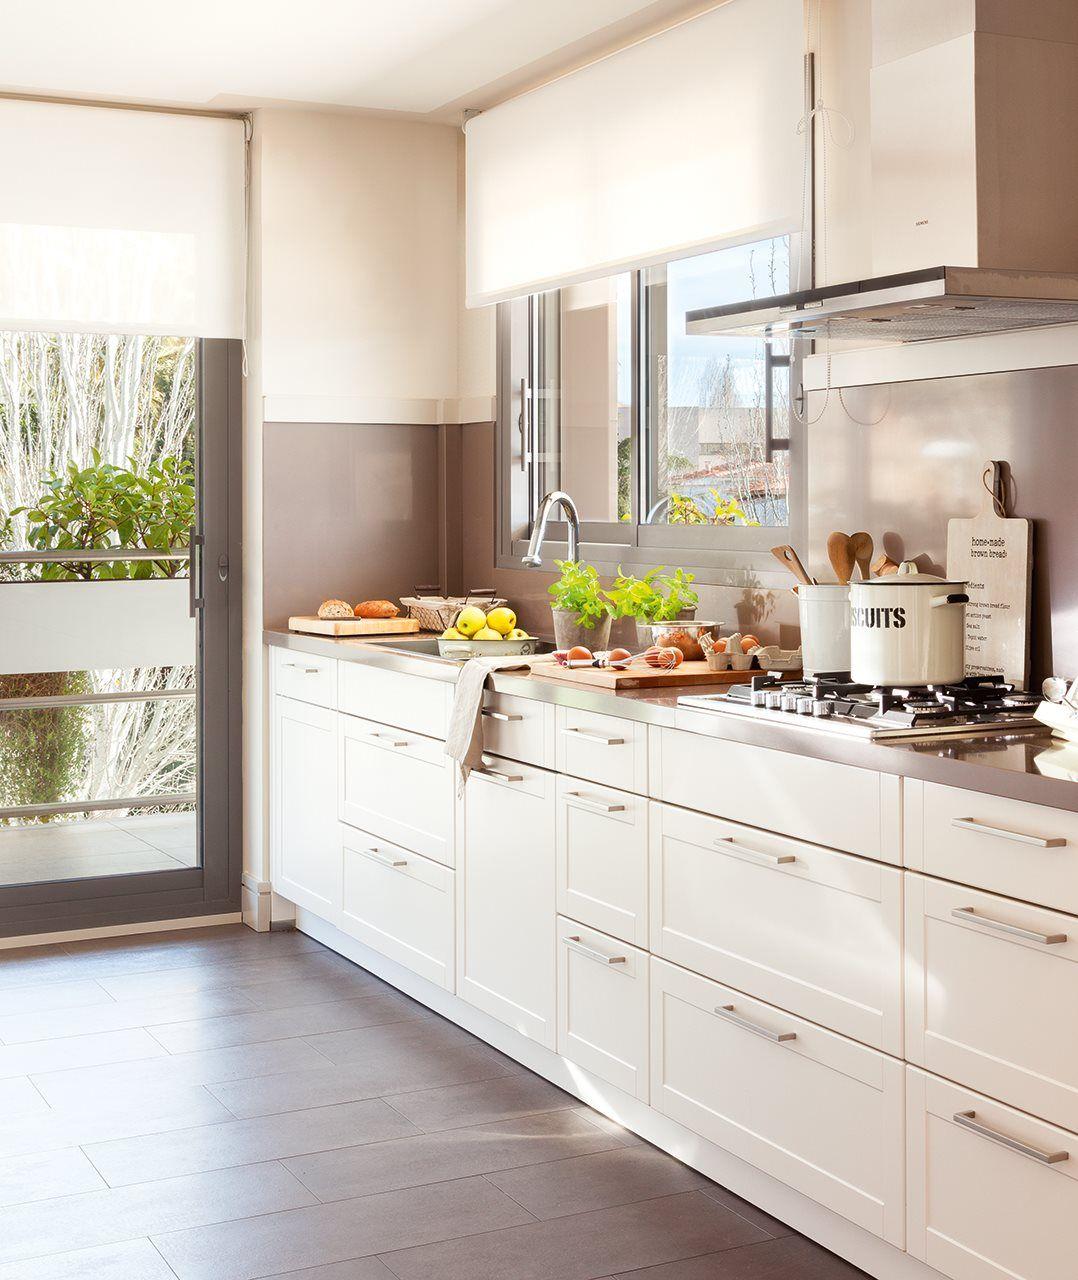 En la cocina cocinas cocinas clasicas cocinas - Muebles de cocina retro ...